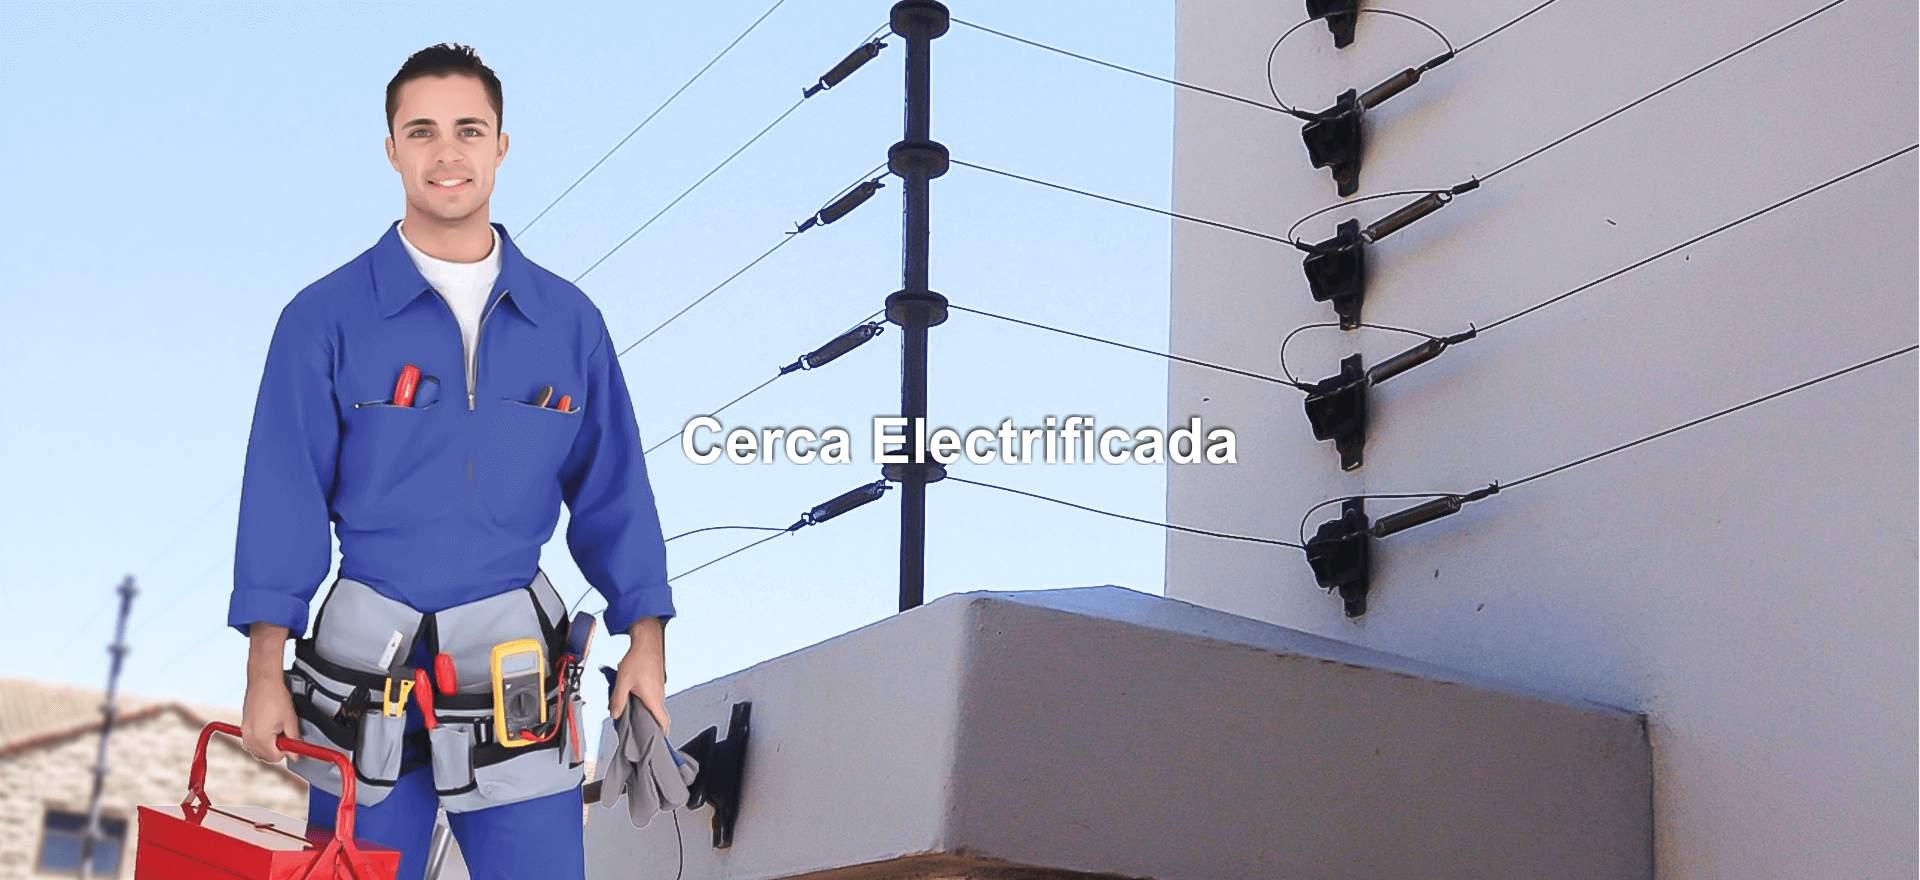 Cercas Electrificadas en Lázaro Cárdenas, Michoacán e Ixtapa Zihuatanejo, Guerrero